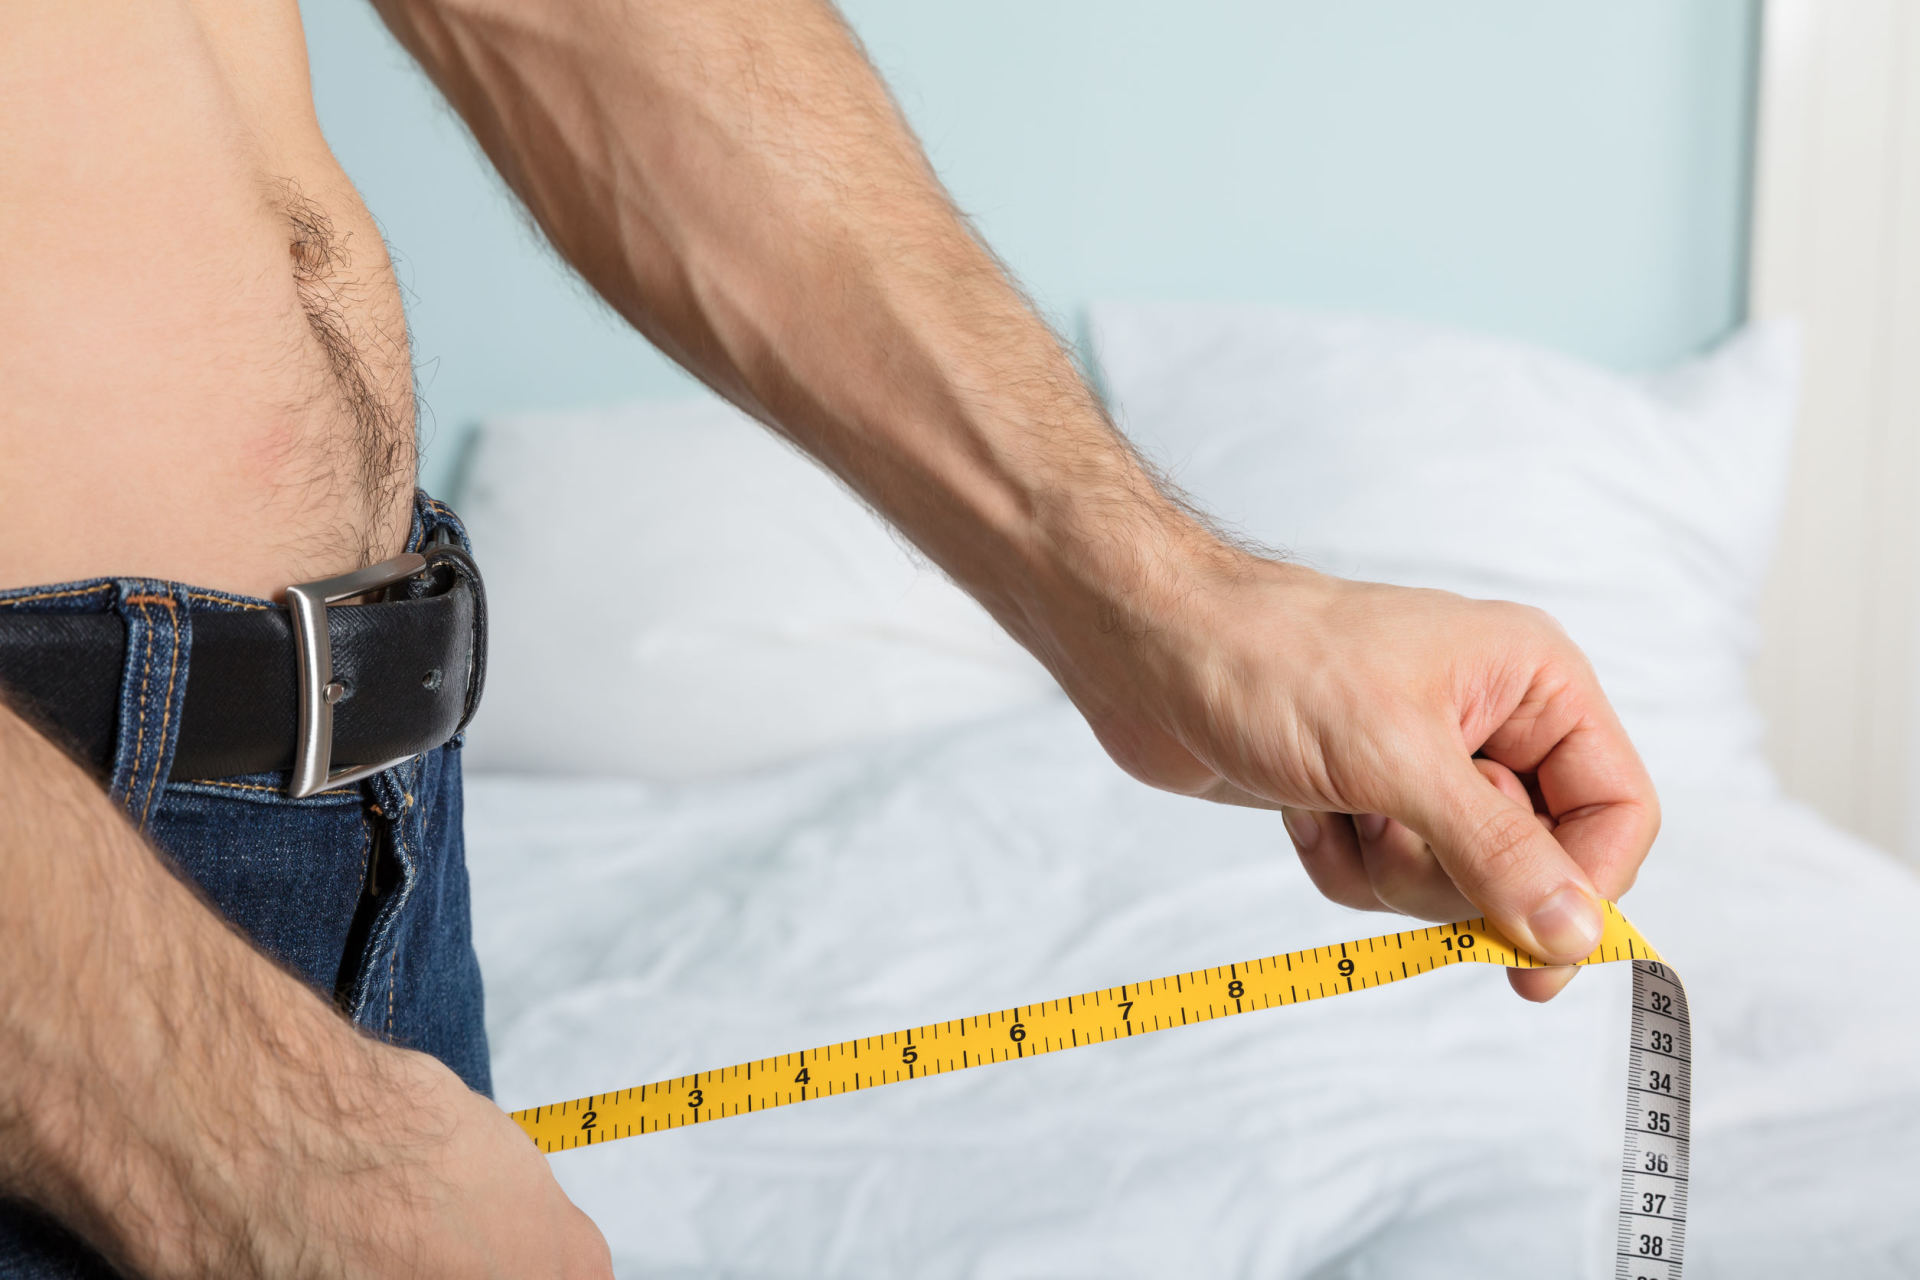 ko reikia imtis kad ilgą laiką būtų erekcija lašai erekcijai gydyti